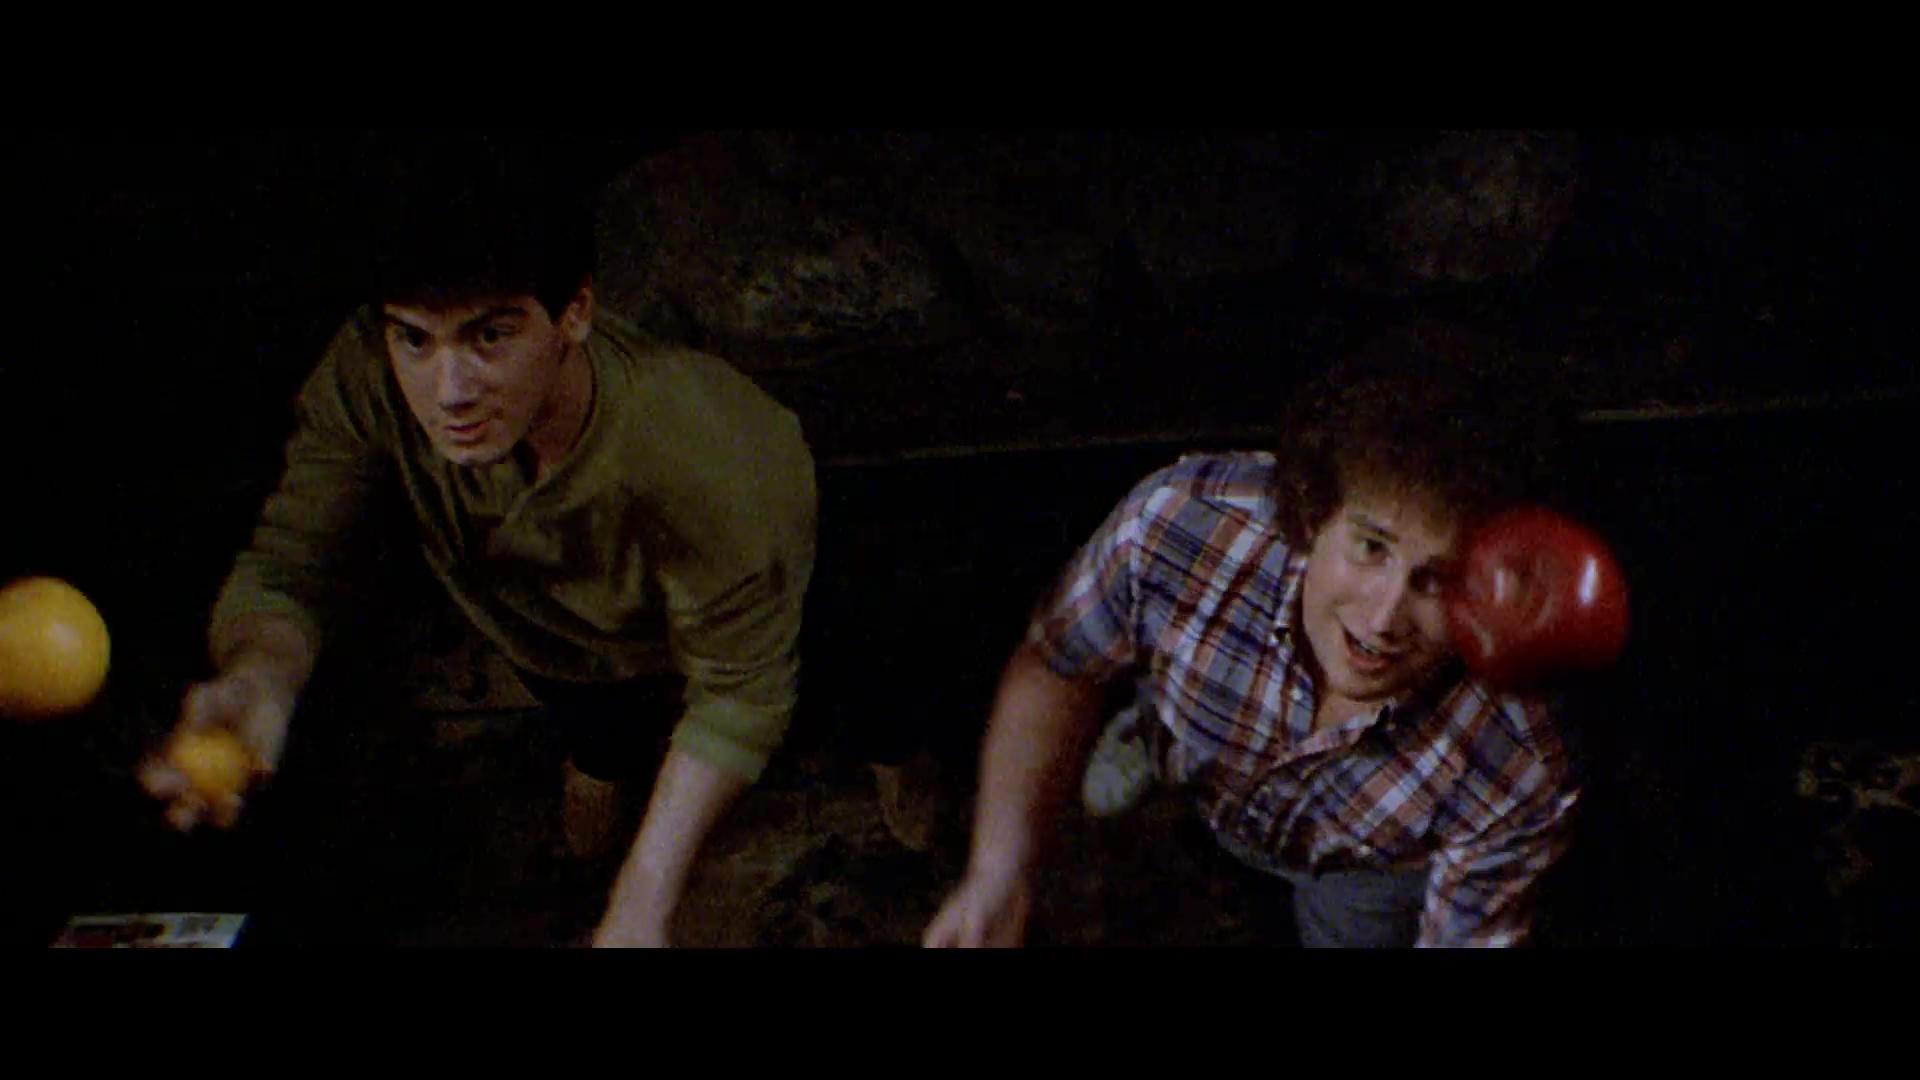 Viernes 13 Parte 3 1080p Lat-Cast-Ing 5.1 (1982)